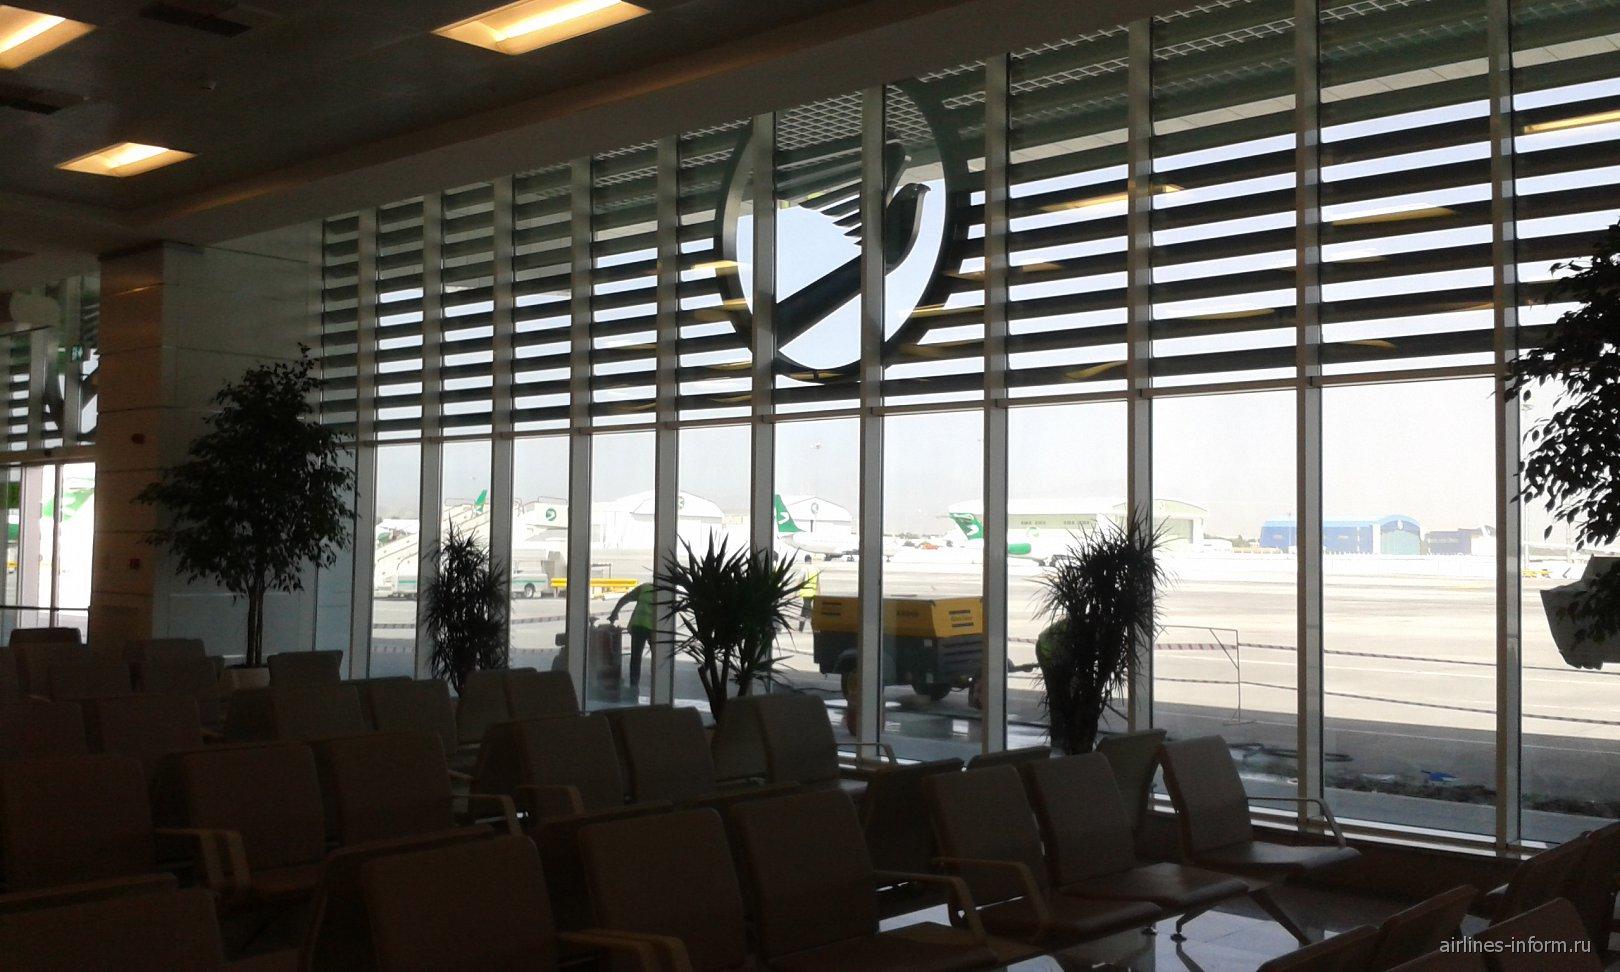 Аэропорт Ашхабада